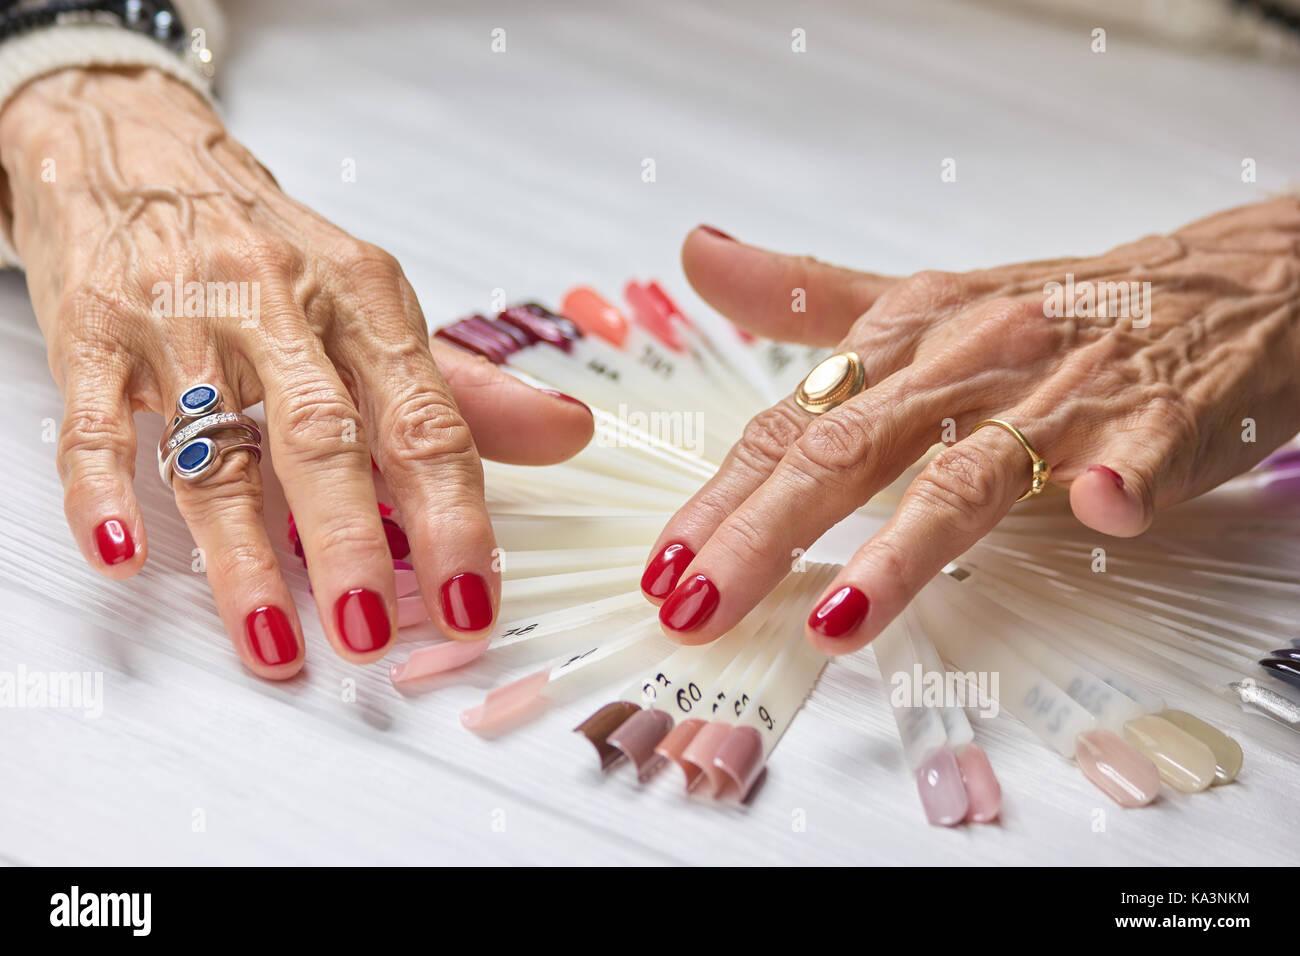 Ältere Frau gepflegte Hände. Alte Frau Nägel bedeckt mit perfekten ...